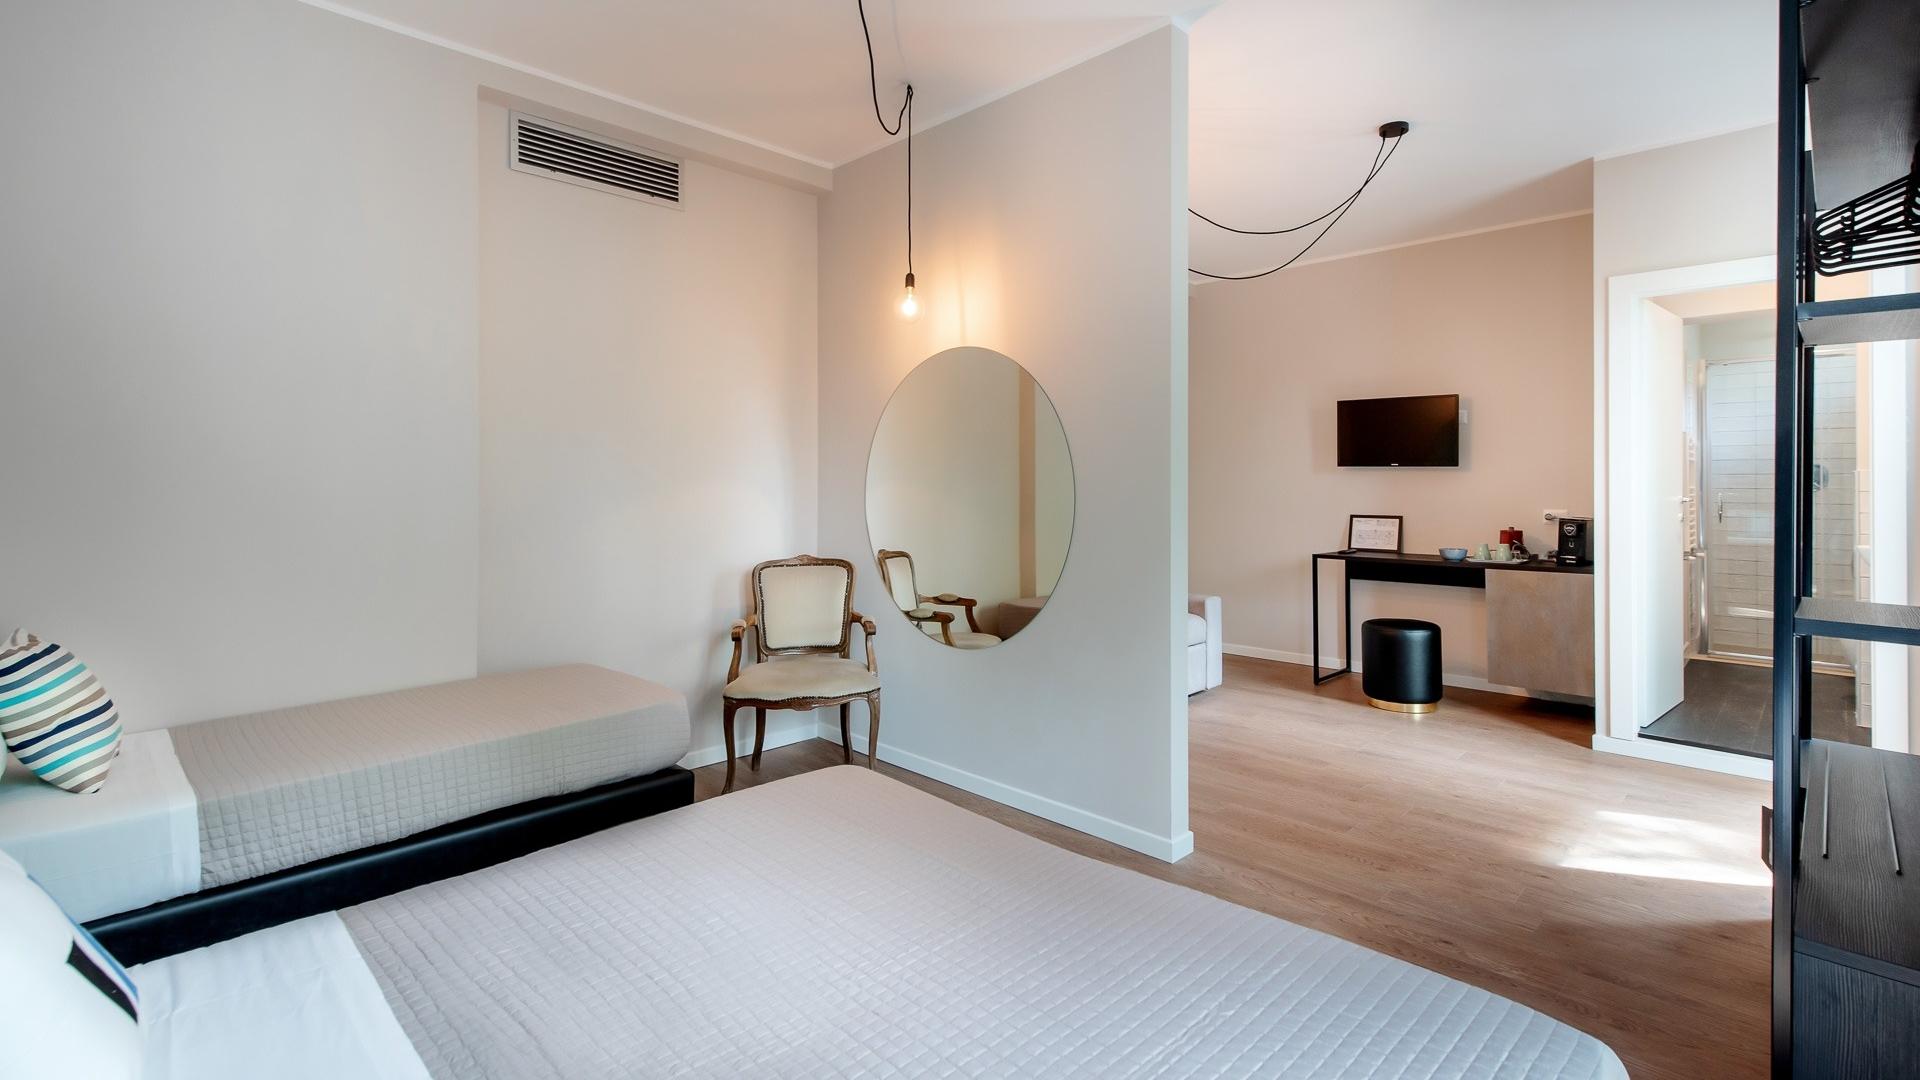 Immagini Hotel Vagabond, Riccione